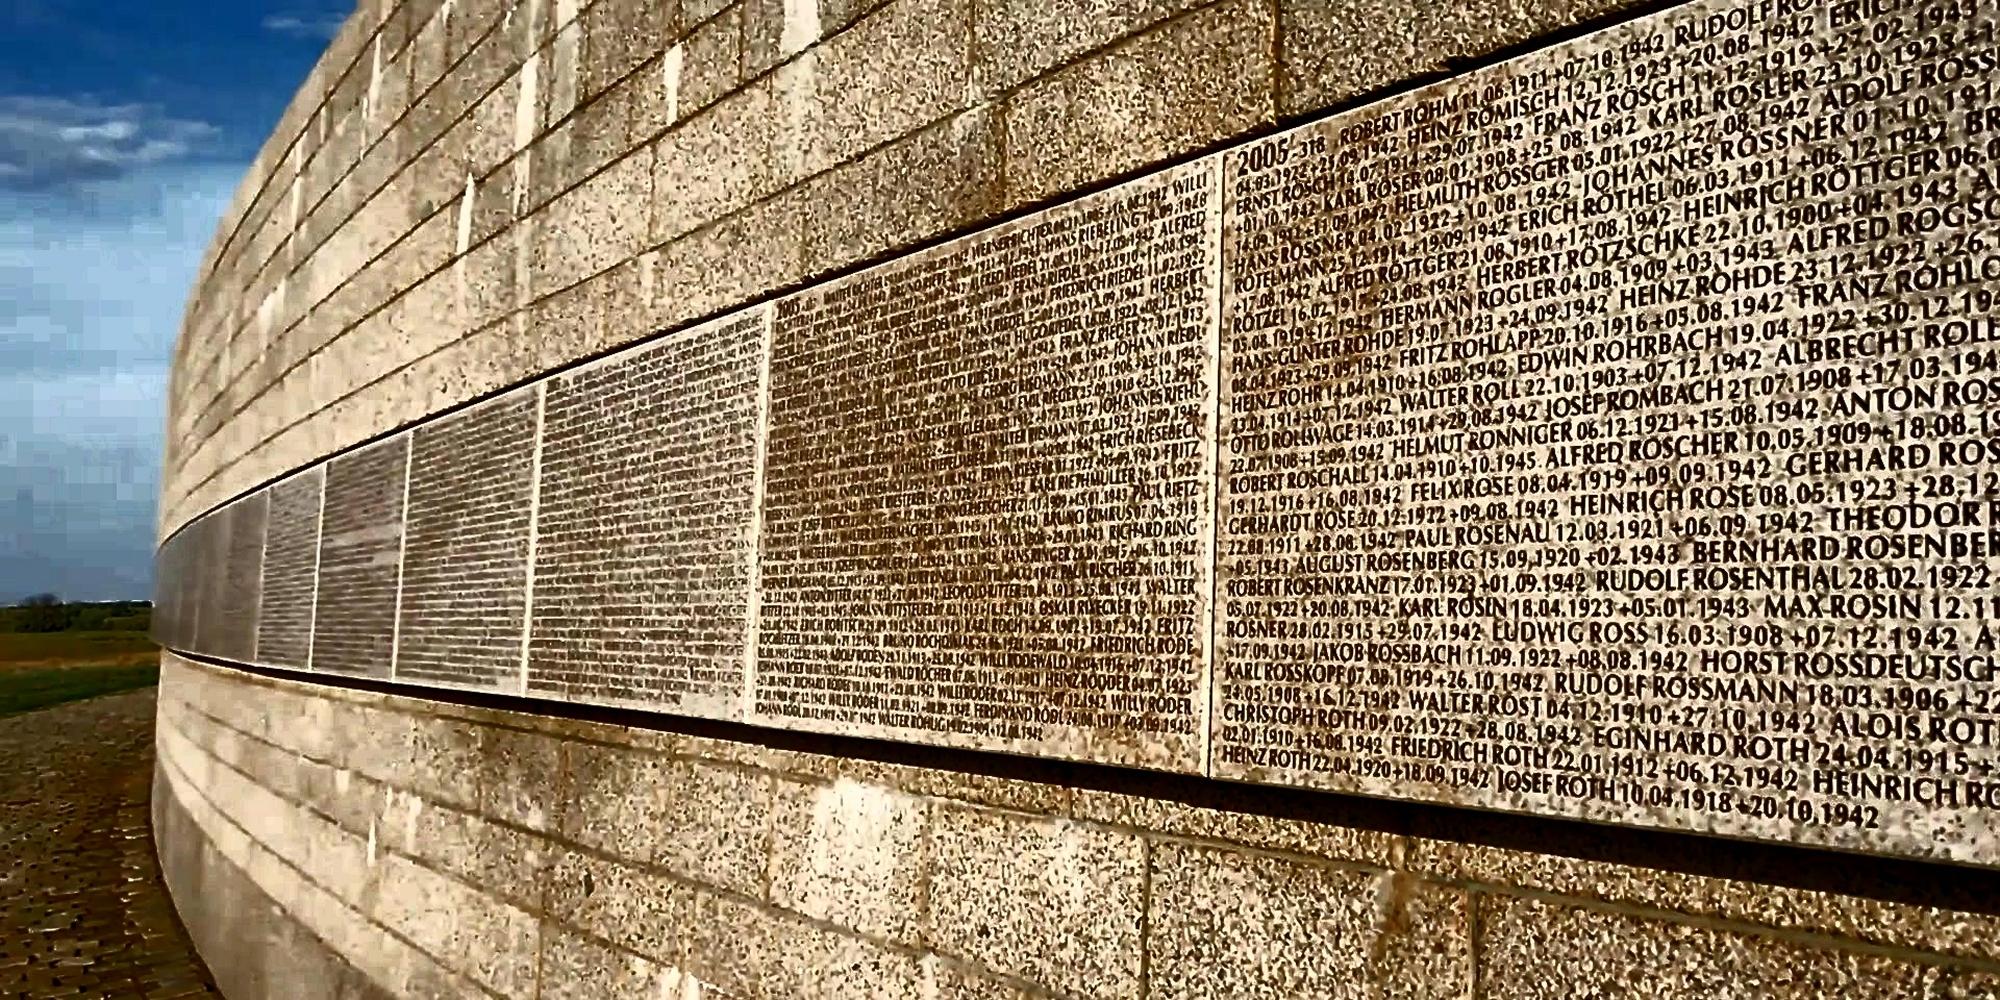 Kriegsgraeberstaette Rossoschka Stalingrad Dilibra - Wolgograd, Wehrmacht, Soldatengrab, Schlacht um Stalingrad, Rote Armee, Rossoschka, Kriegsgräberstätte, 2. Weltkrieg